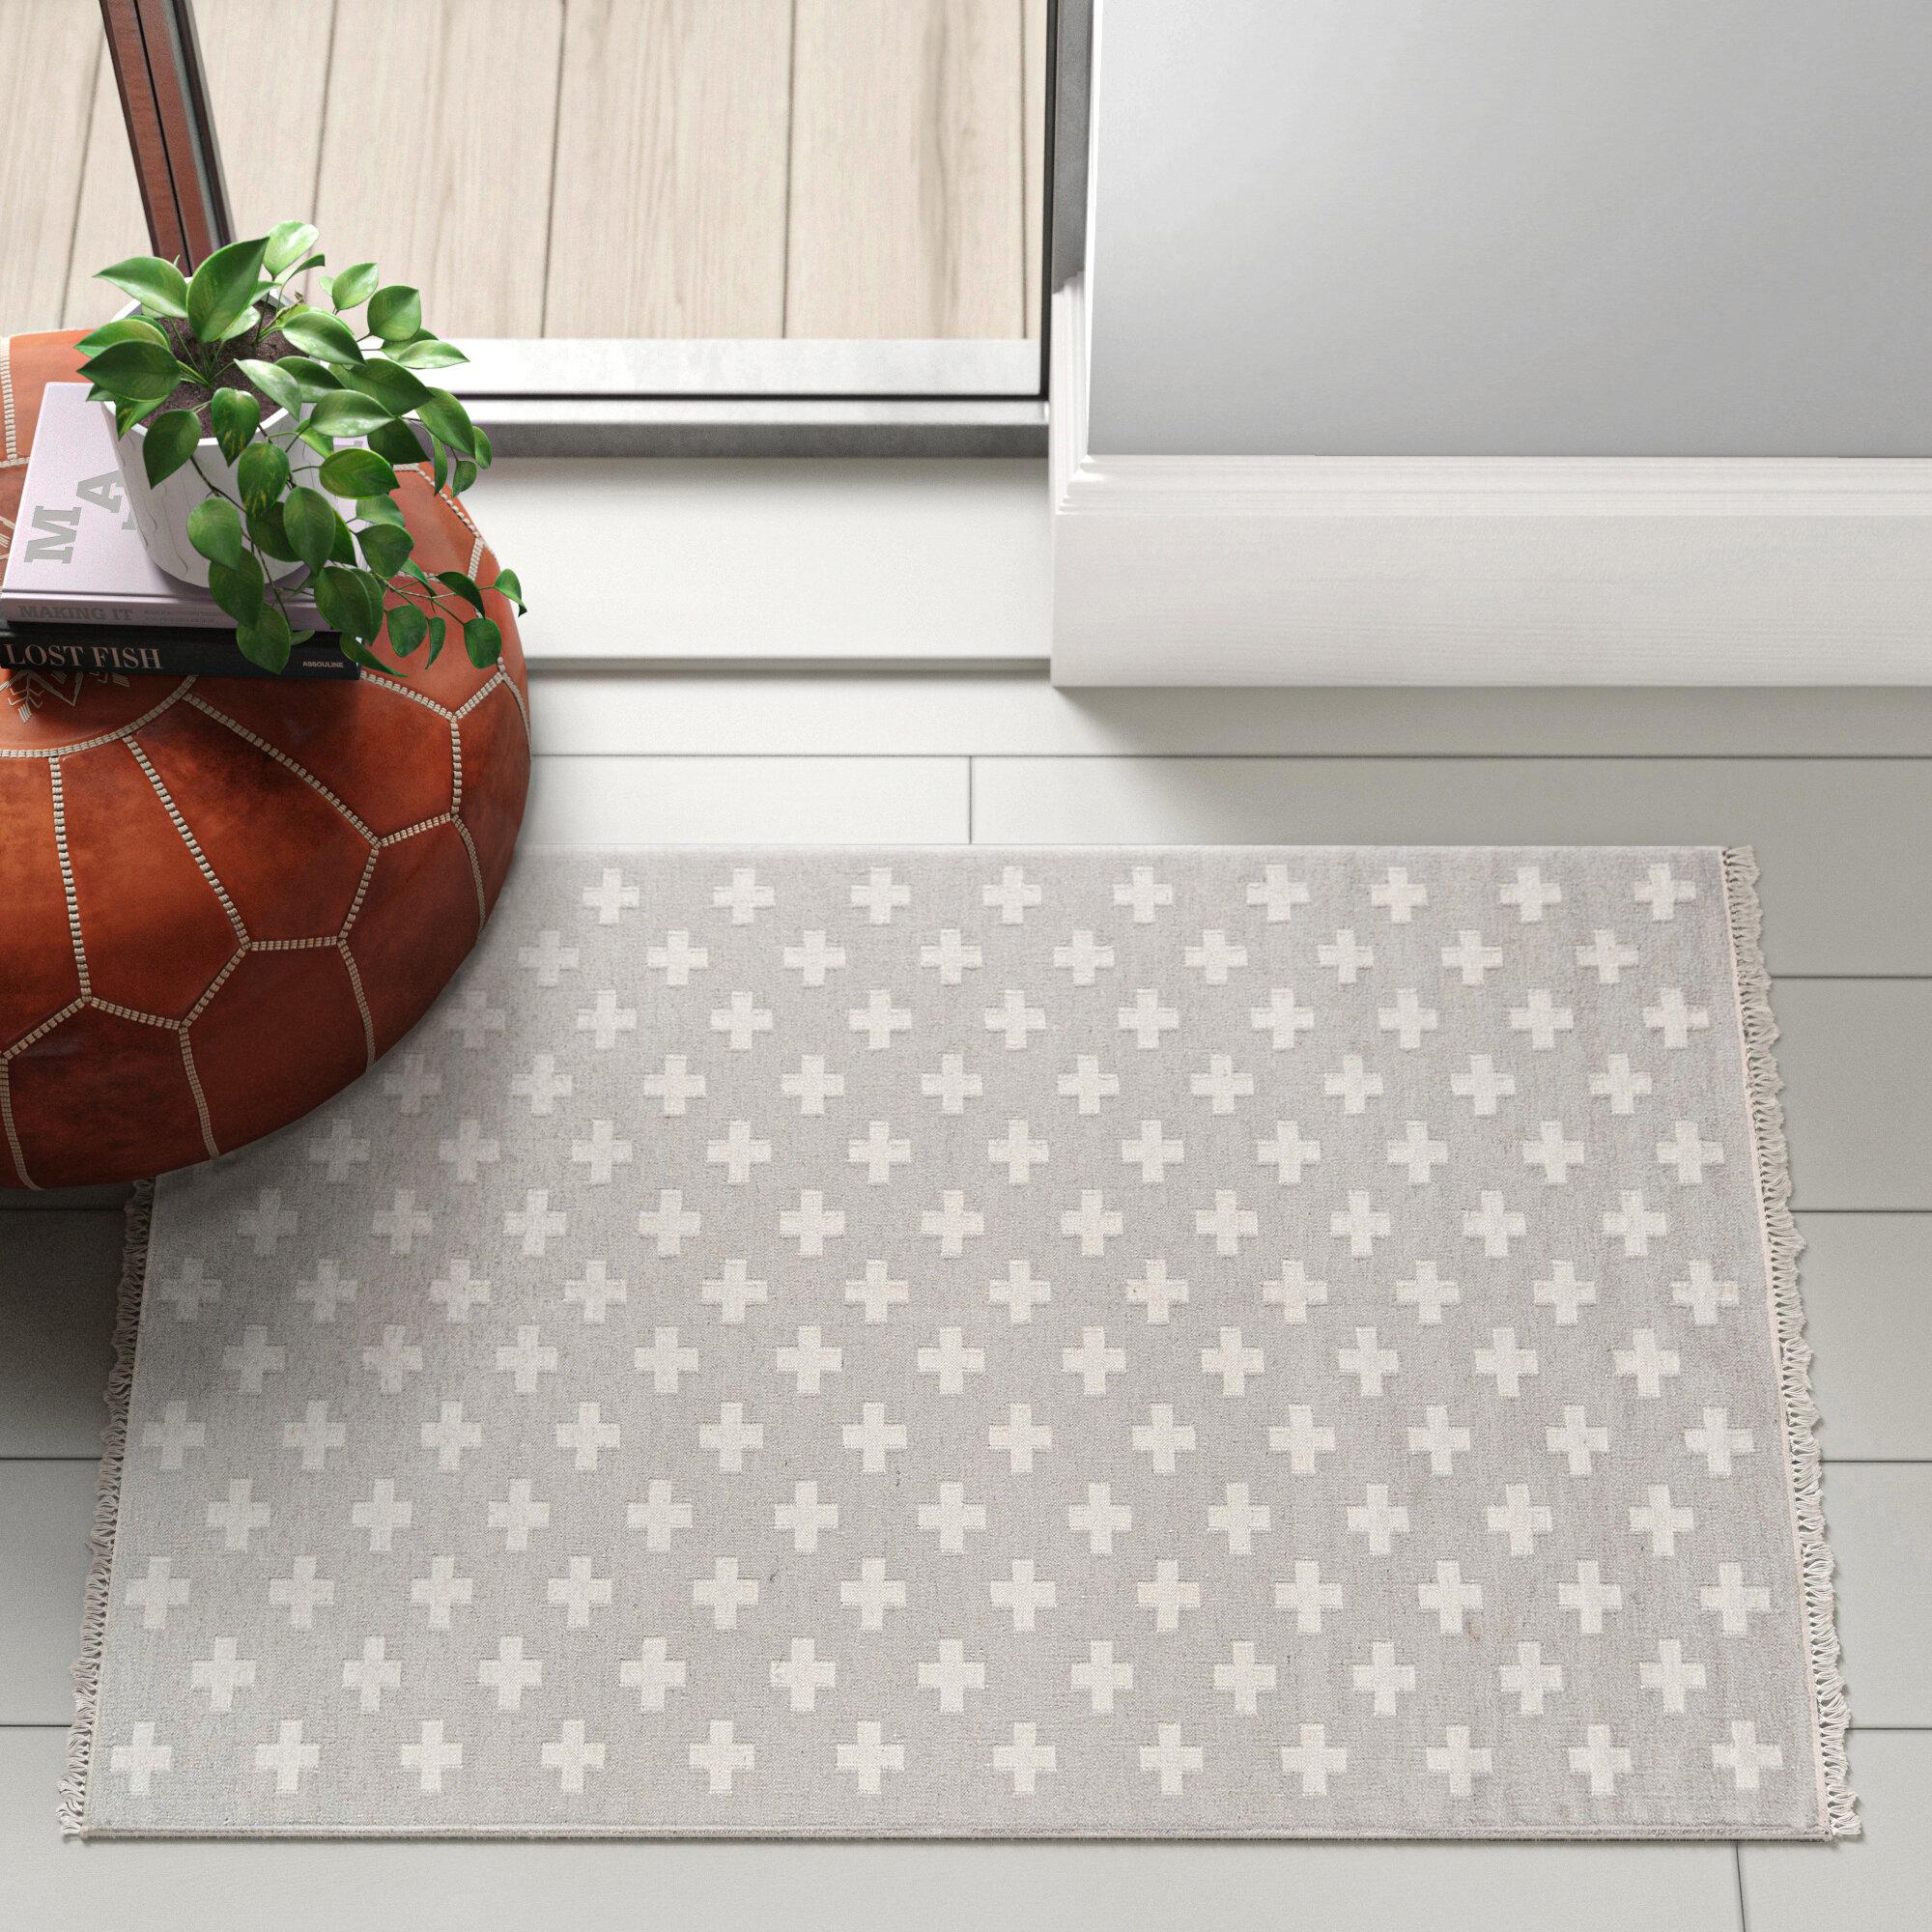 Topanga Geometric Handmade Flatweave Wool Gray White Area Rug Reviews Joss Main